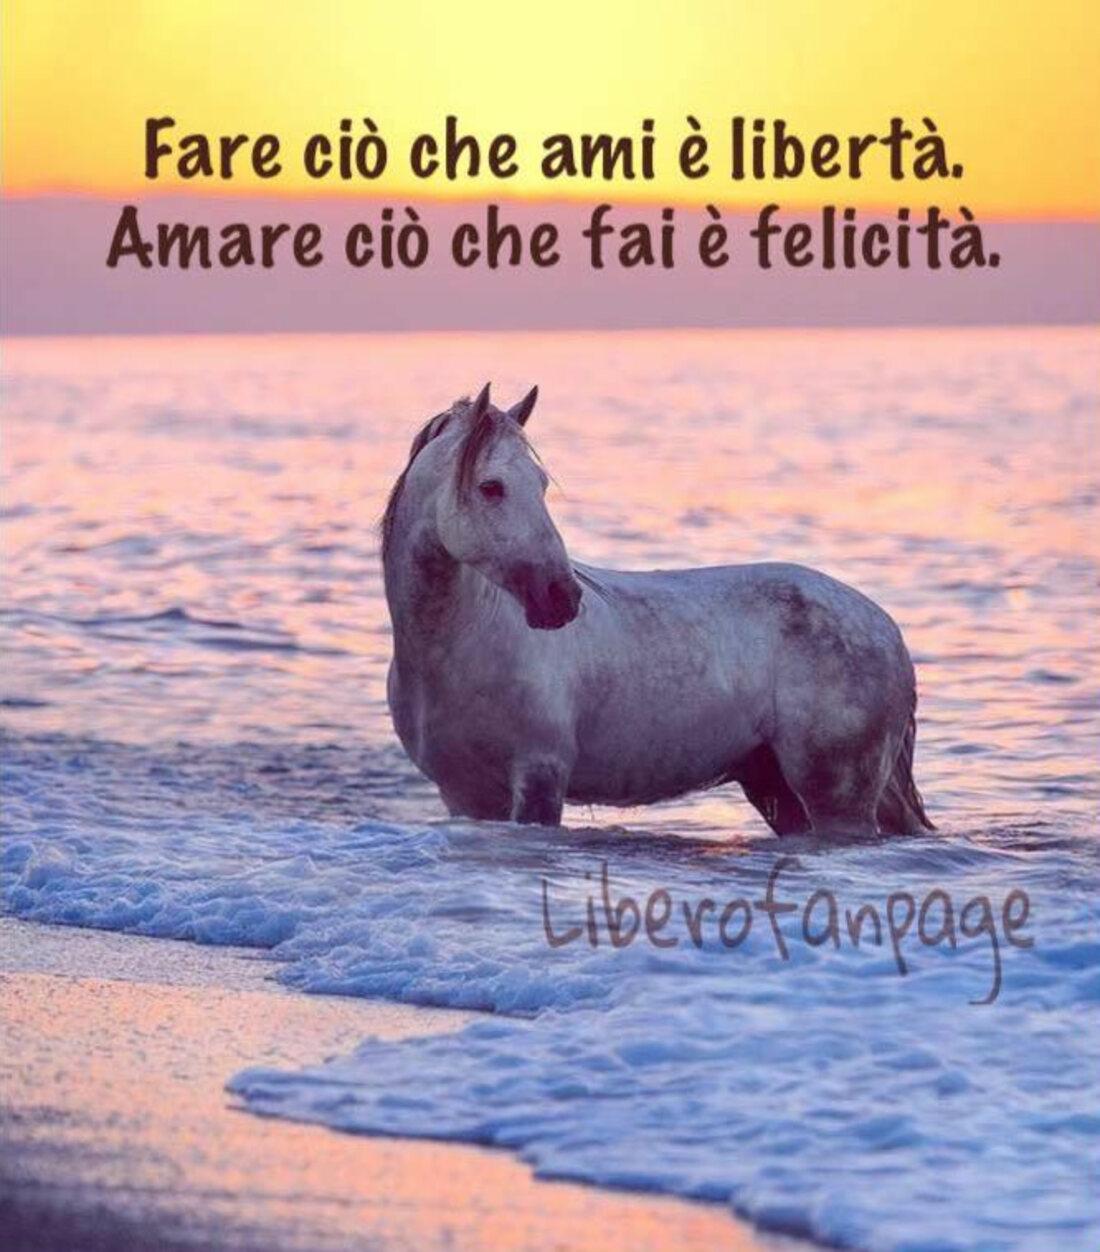 Fare ciò che ami è libertà. Amare ciò che fai è felicità.